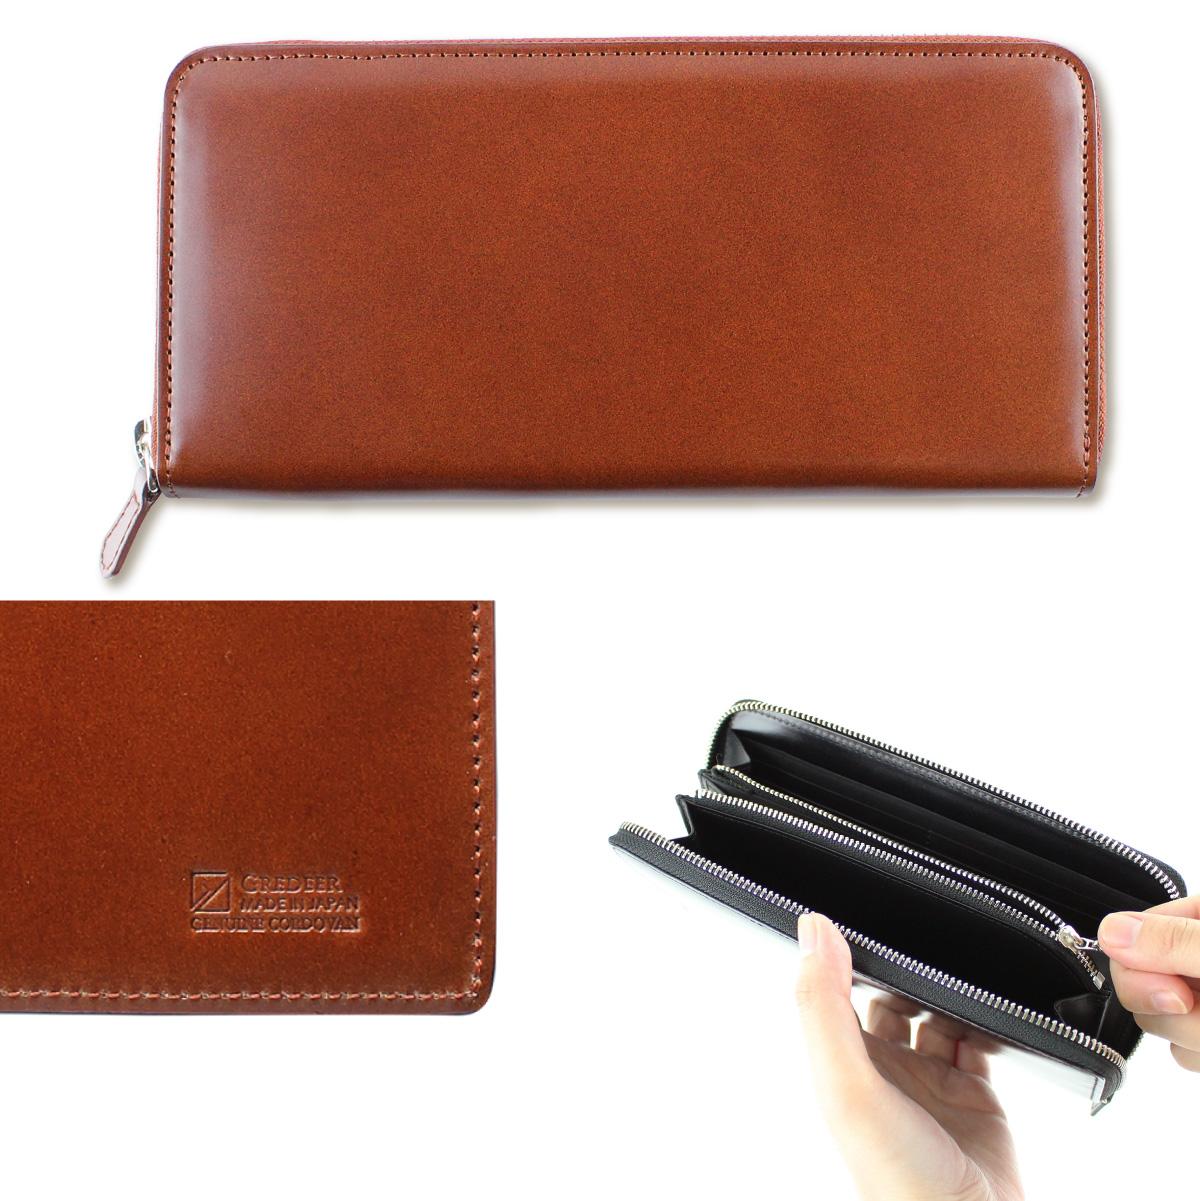 馬革(コードバン)のプレミアム財布 GREDEER コードバン ラウンドファスナー長財布 【カラー:ライトブラウン】